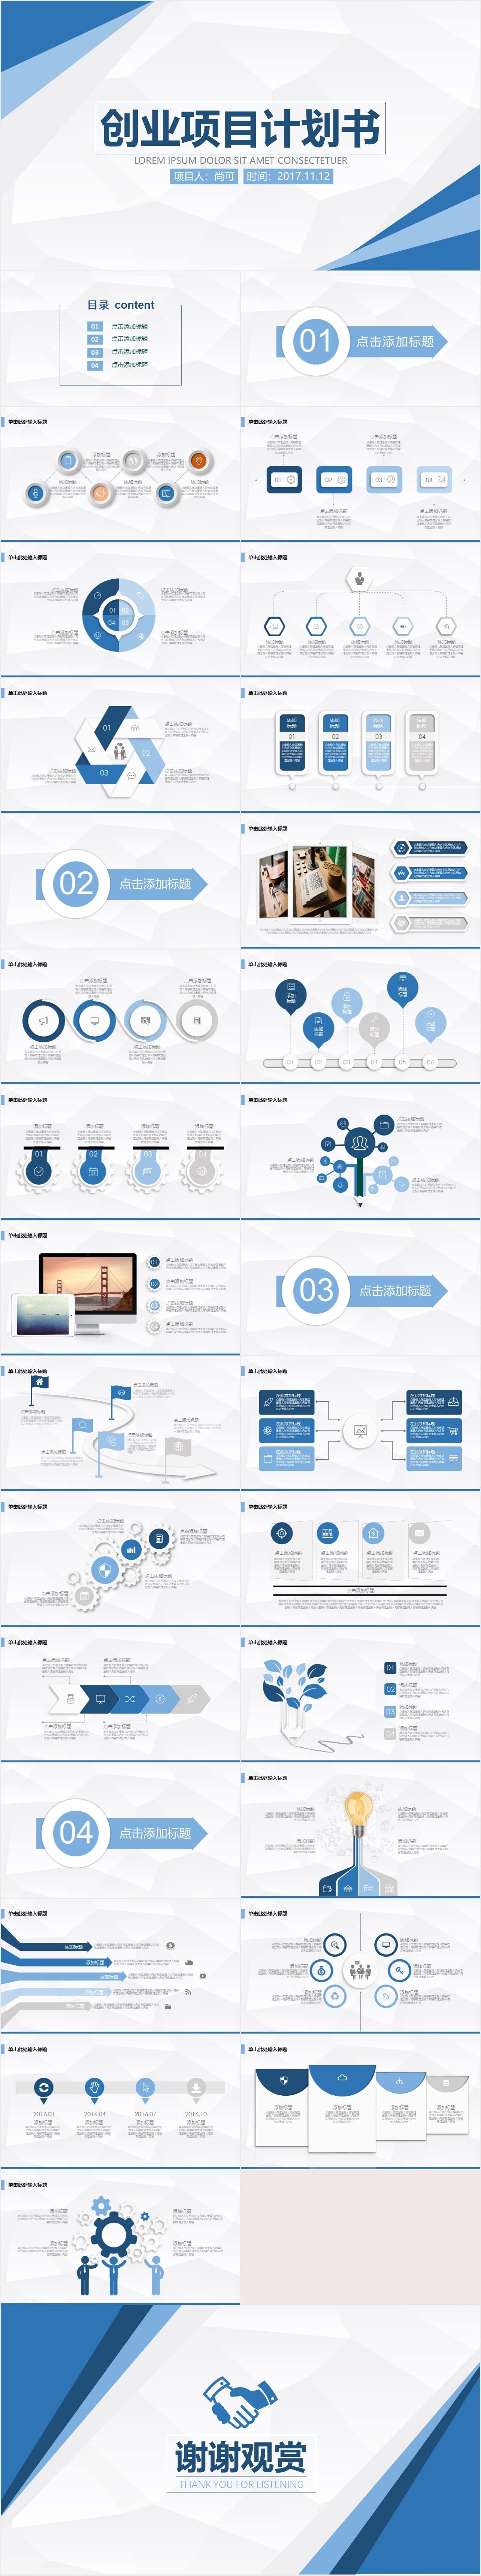 SK0125 创业项目计划书PPT模板